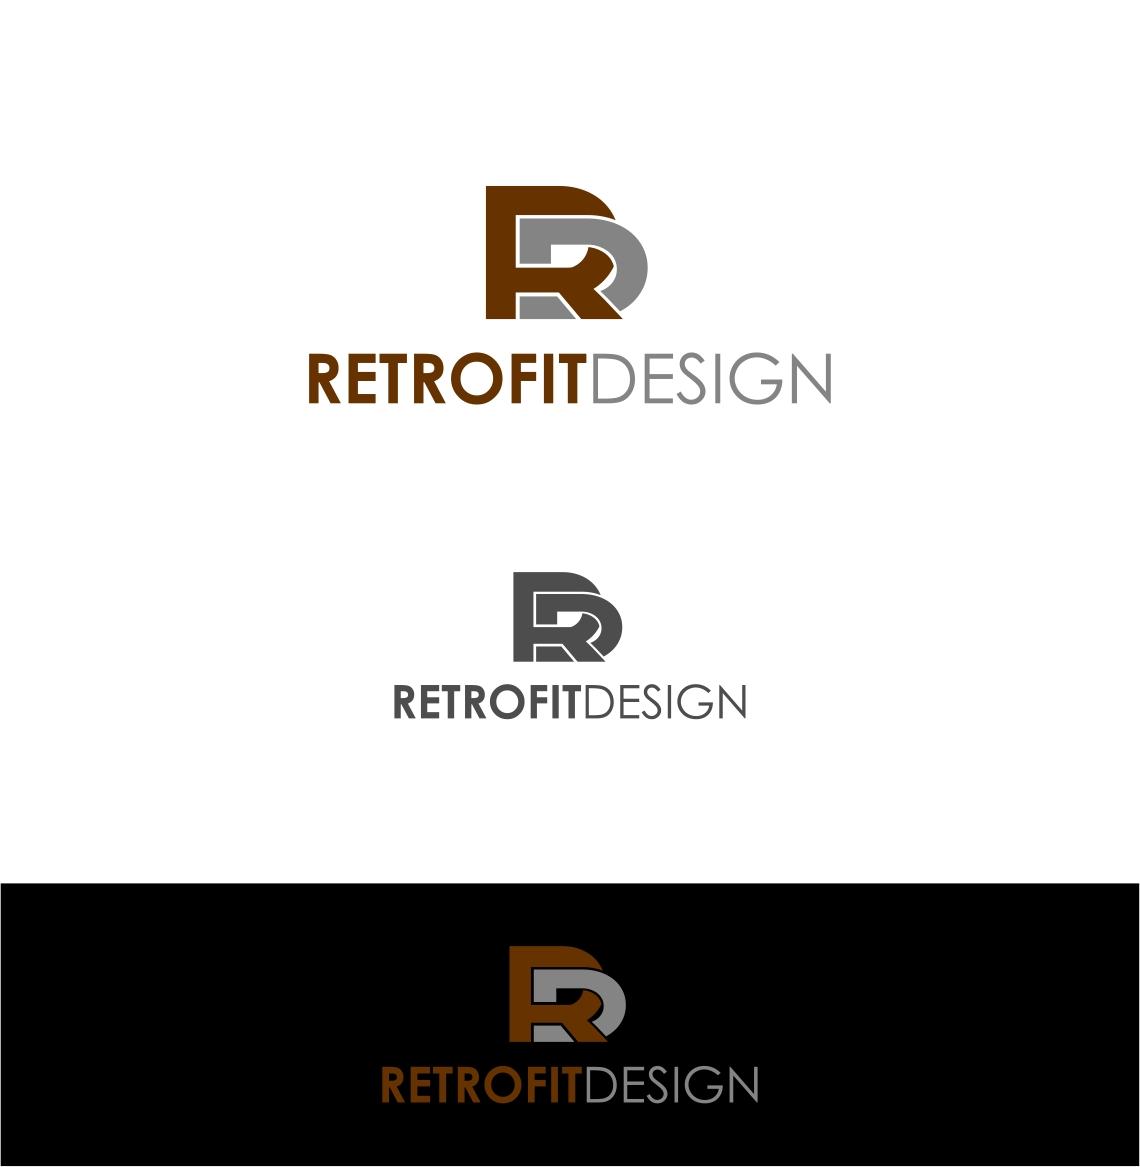 Logo Design by haidu - Entry No. 190 in the Logo Design Contest Inspiring Logo Design for retrofit design.